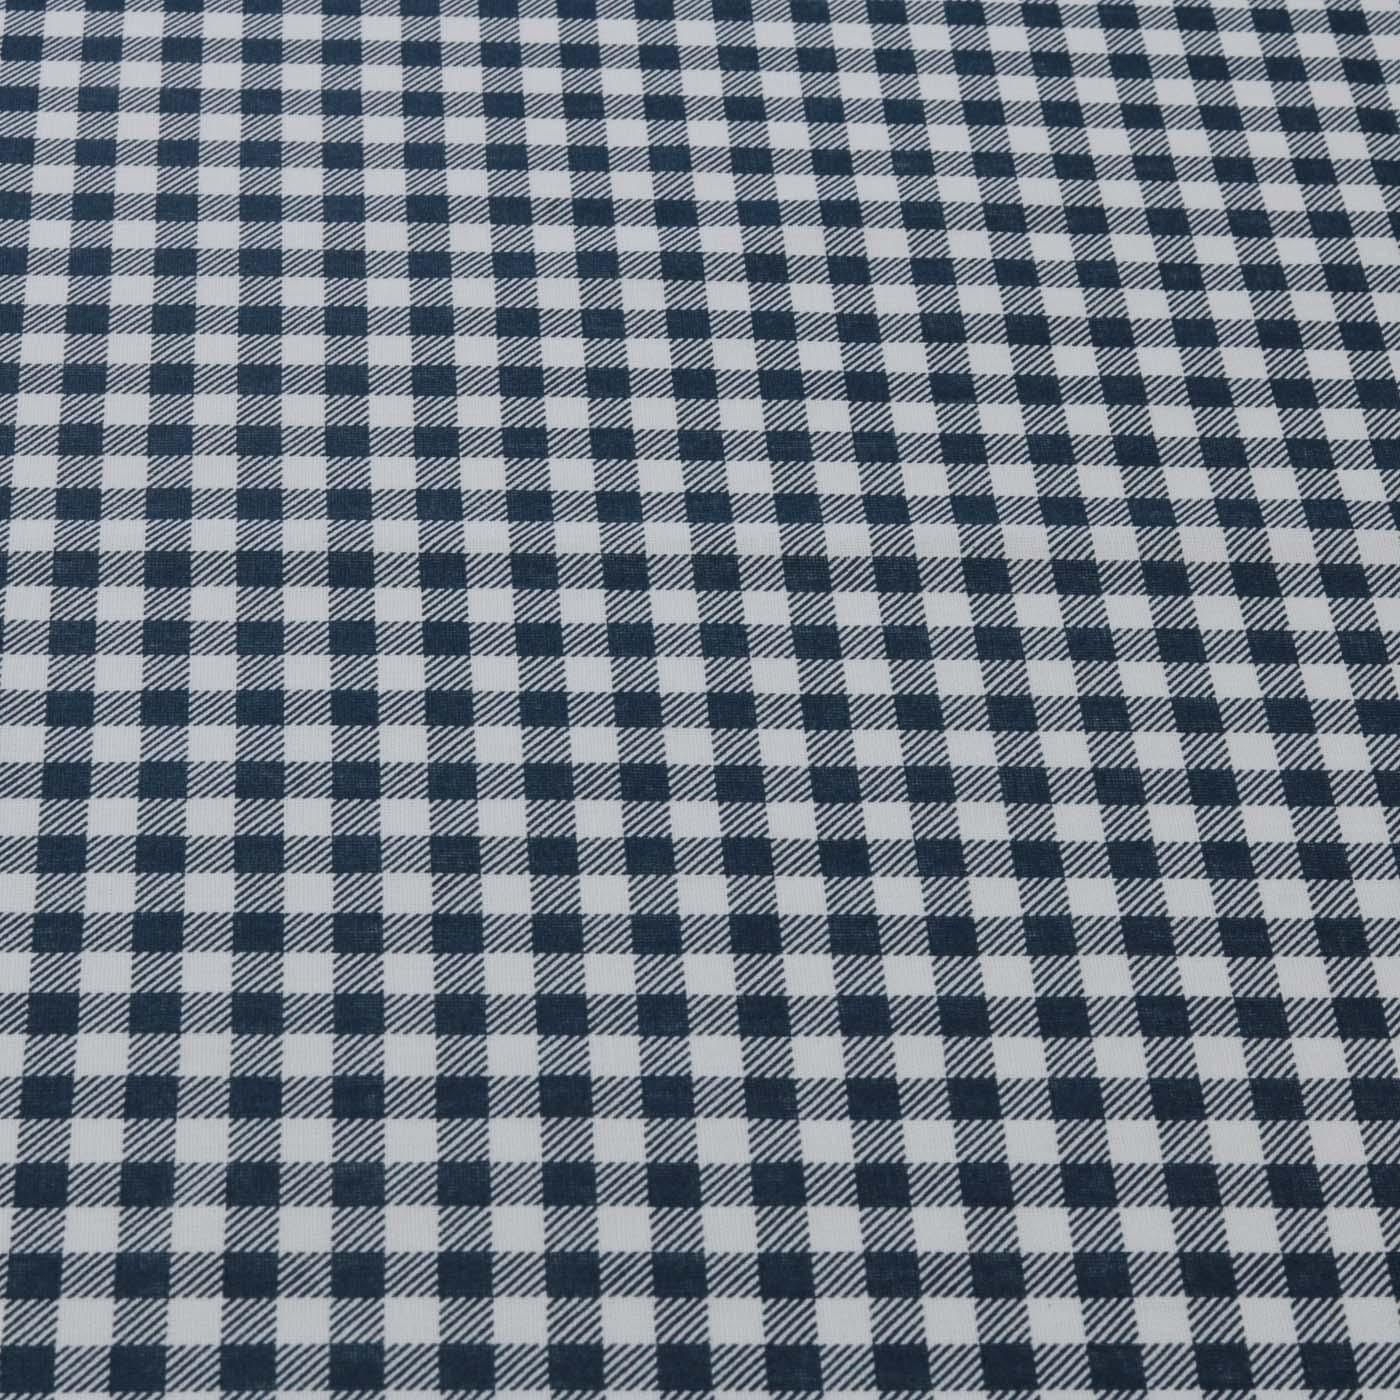 Tecido Tricoline Xadrez Estampado Patchwork Azul Marinho